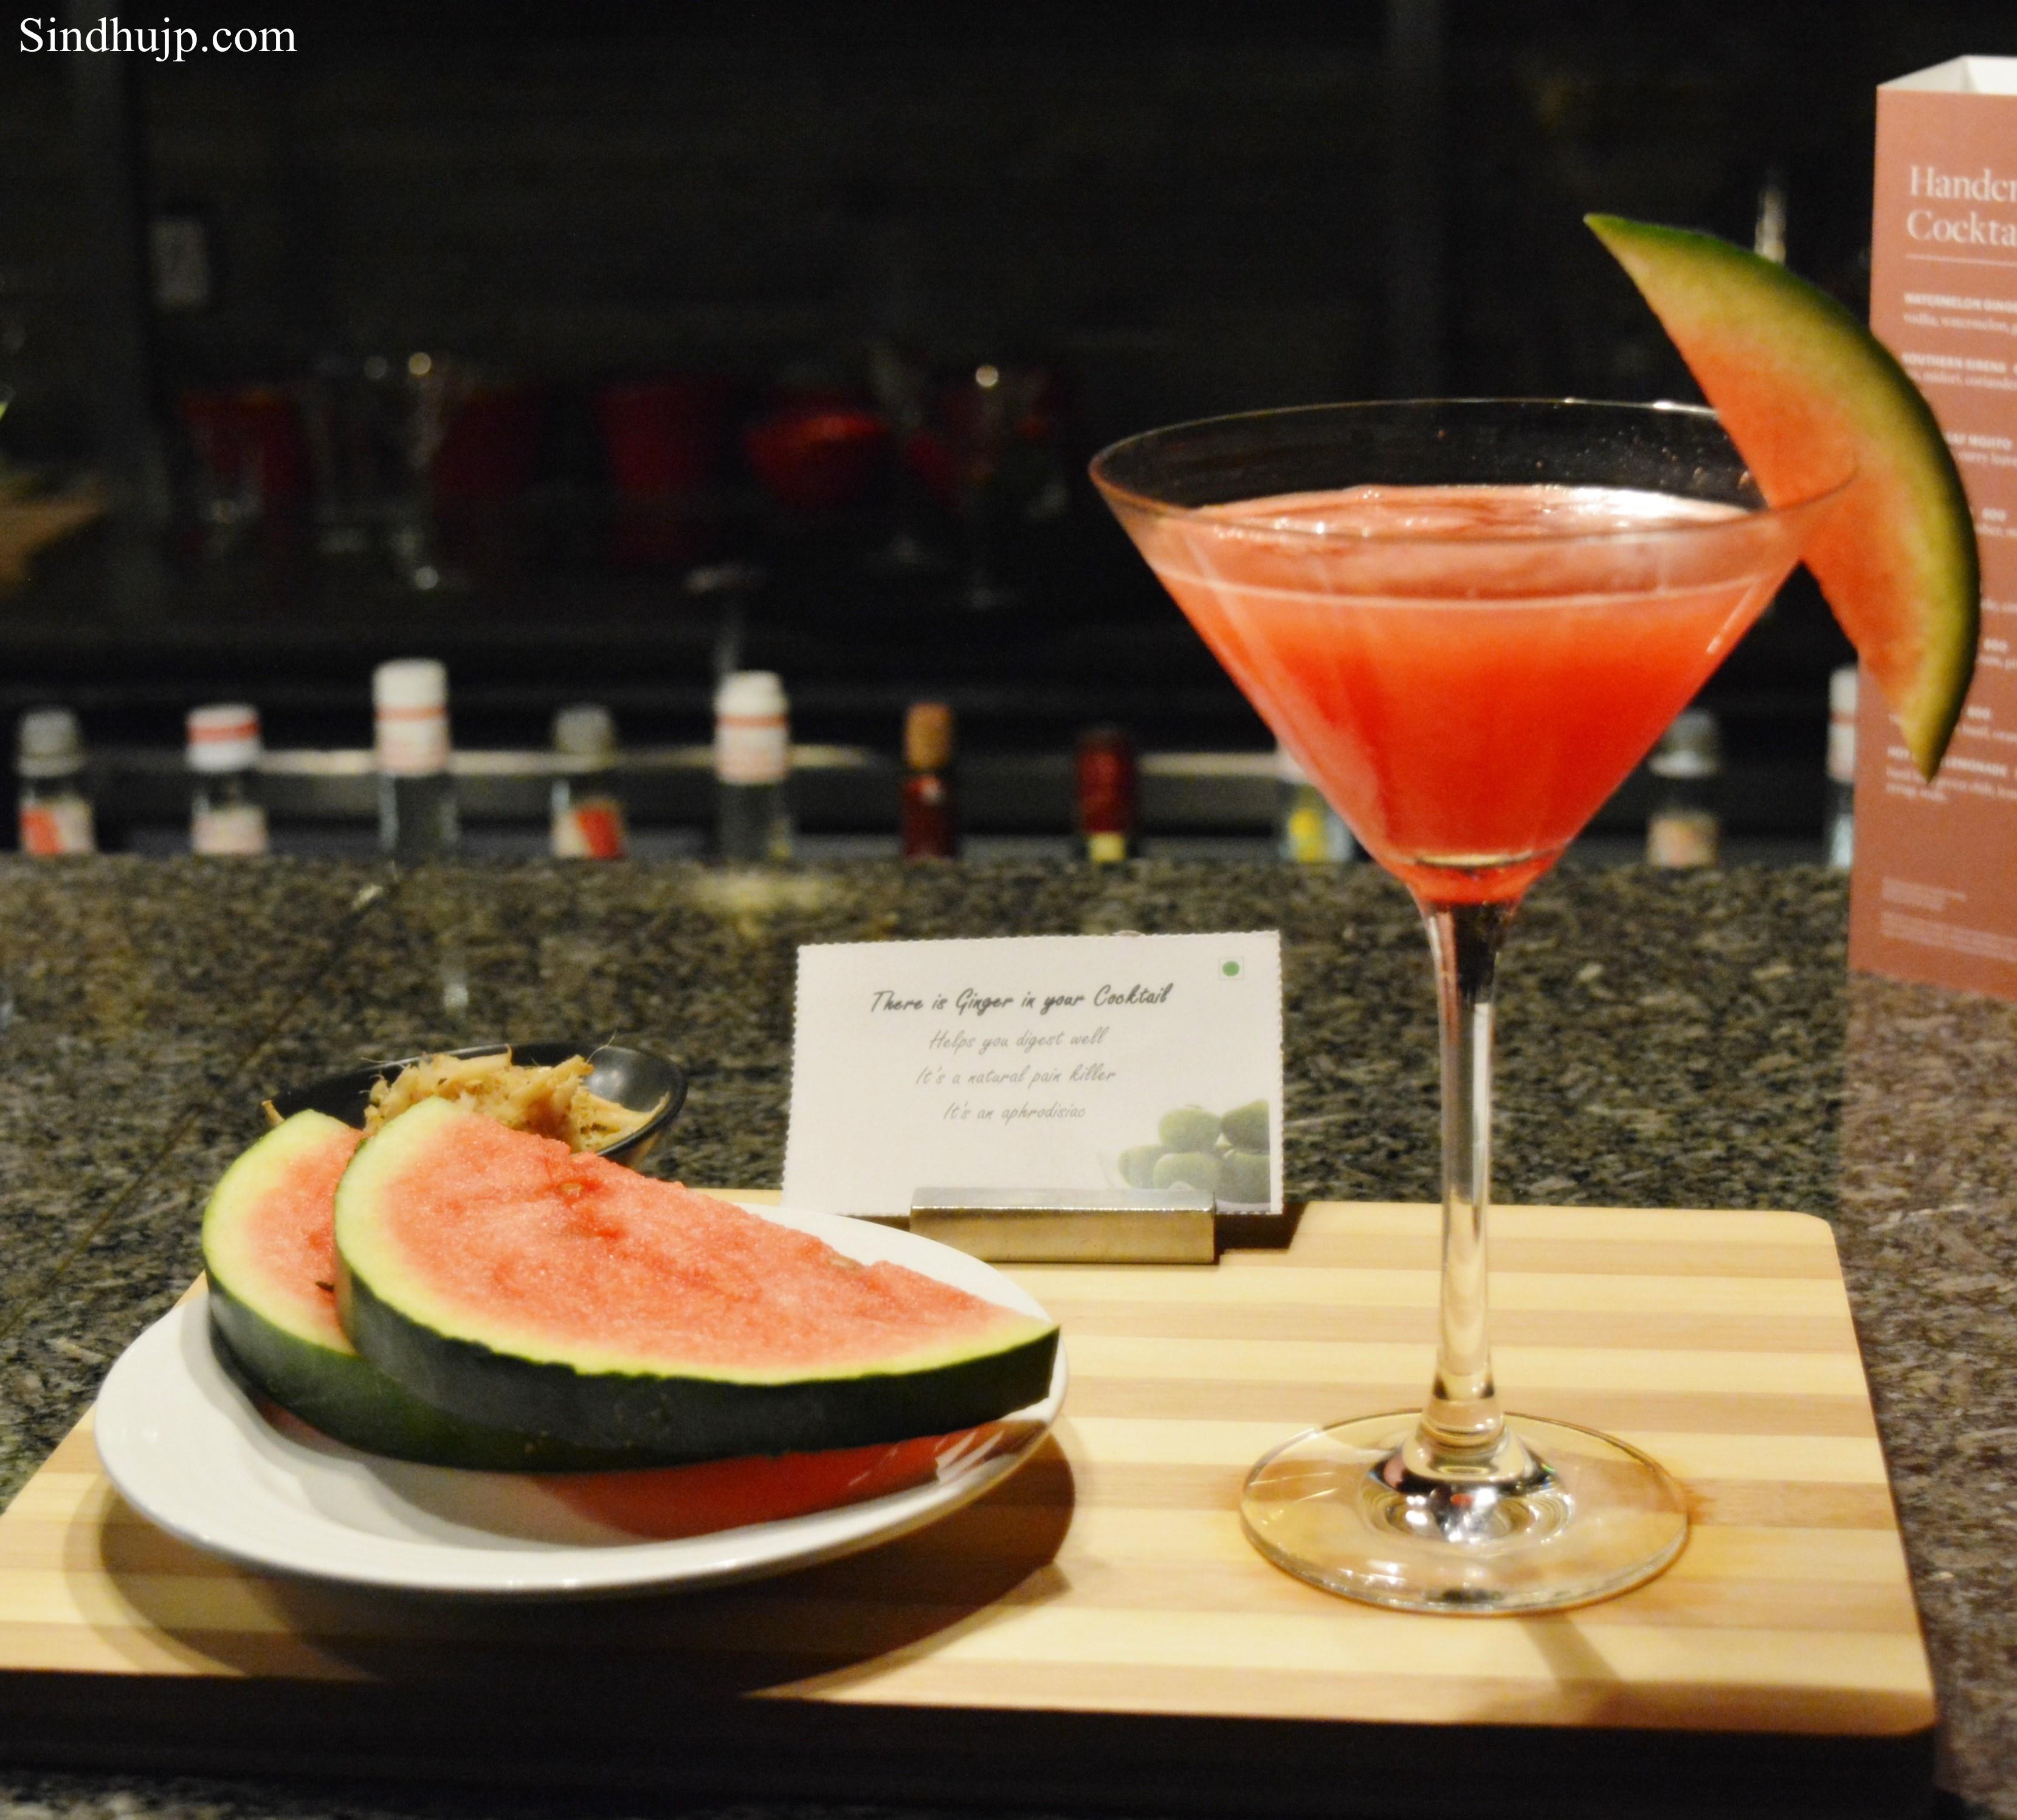 watermelon ginger martini